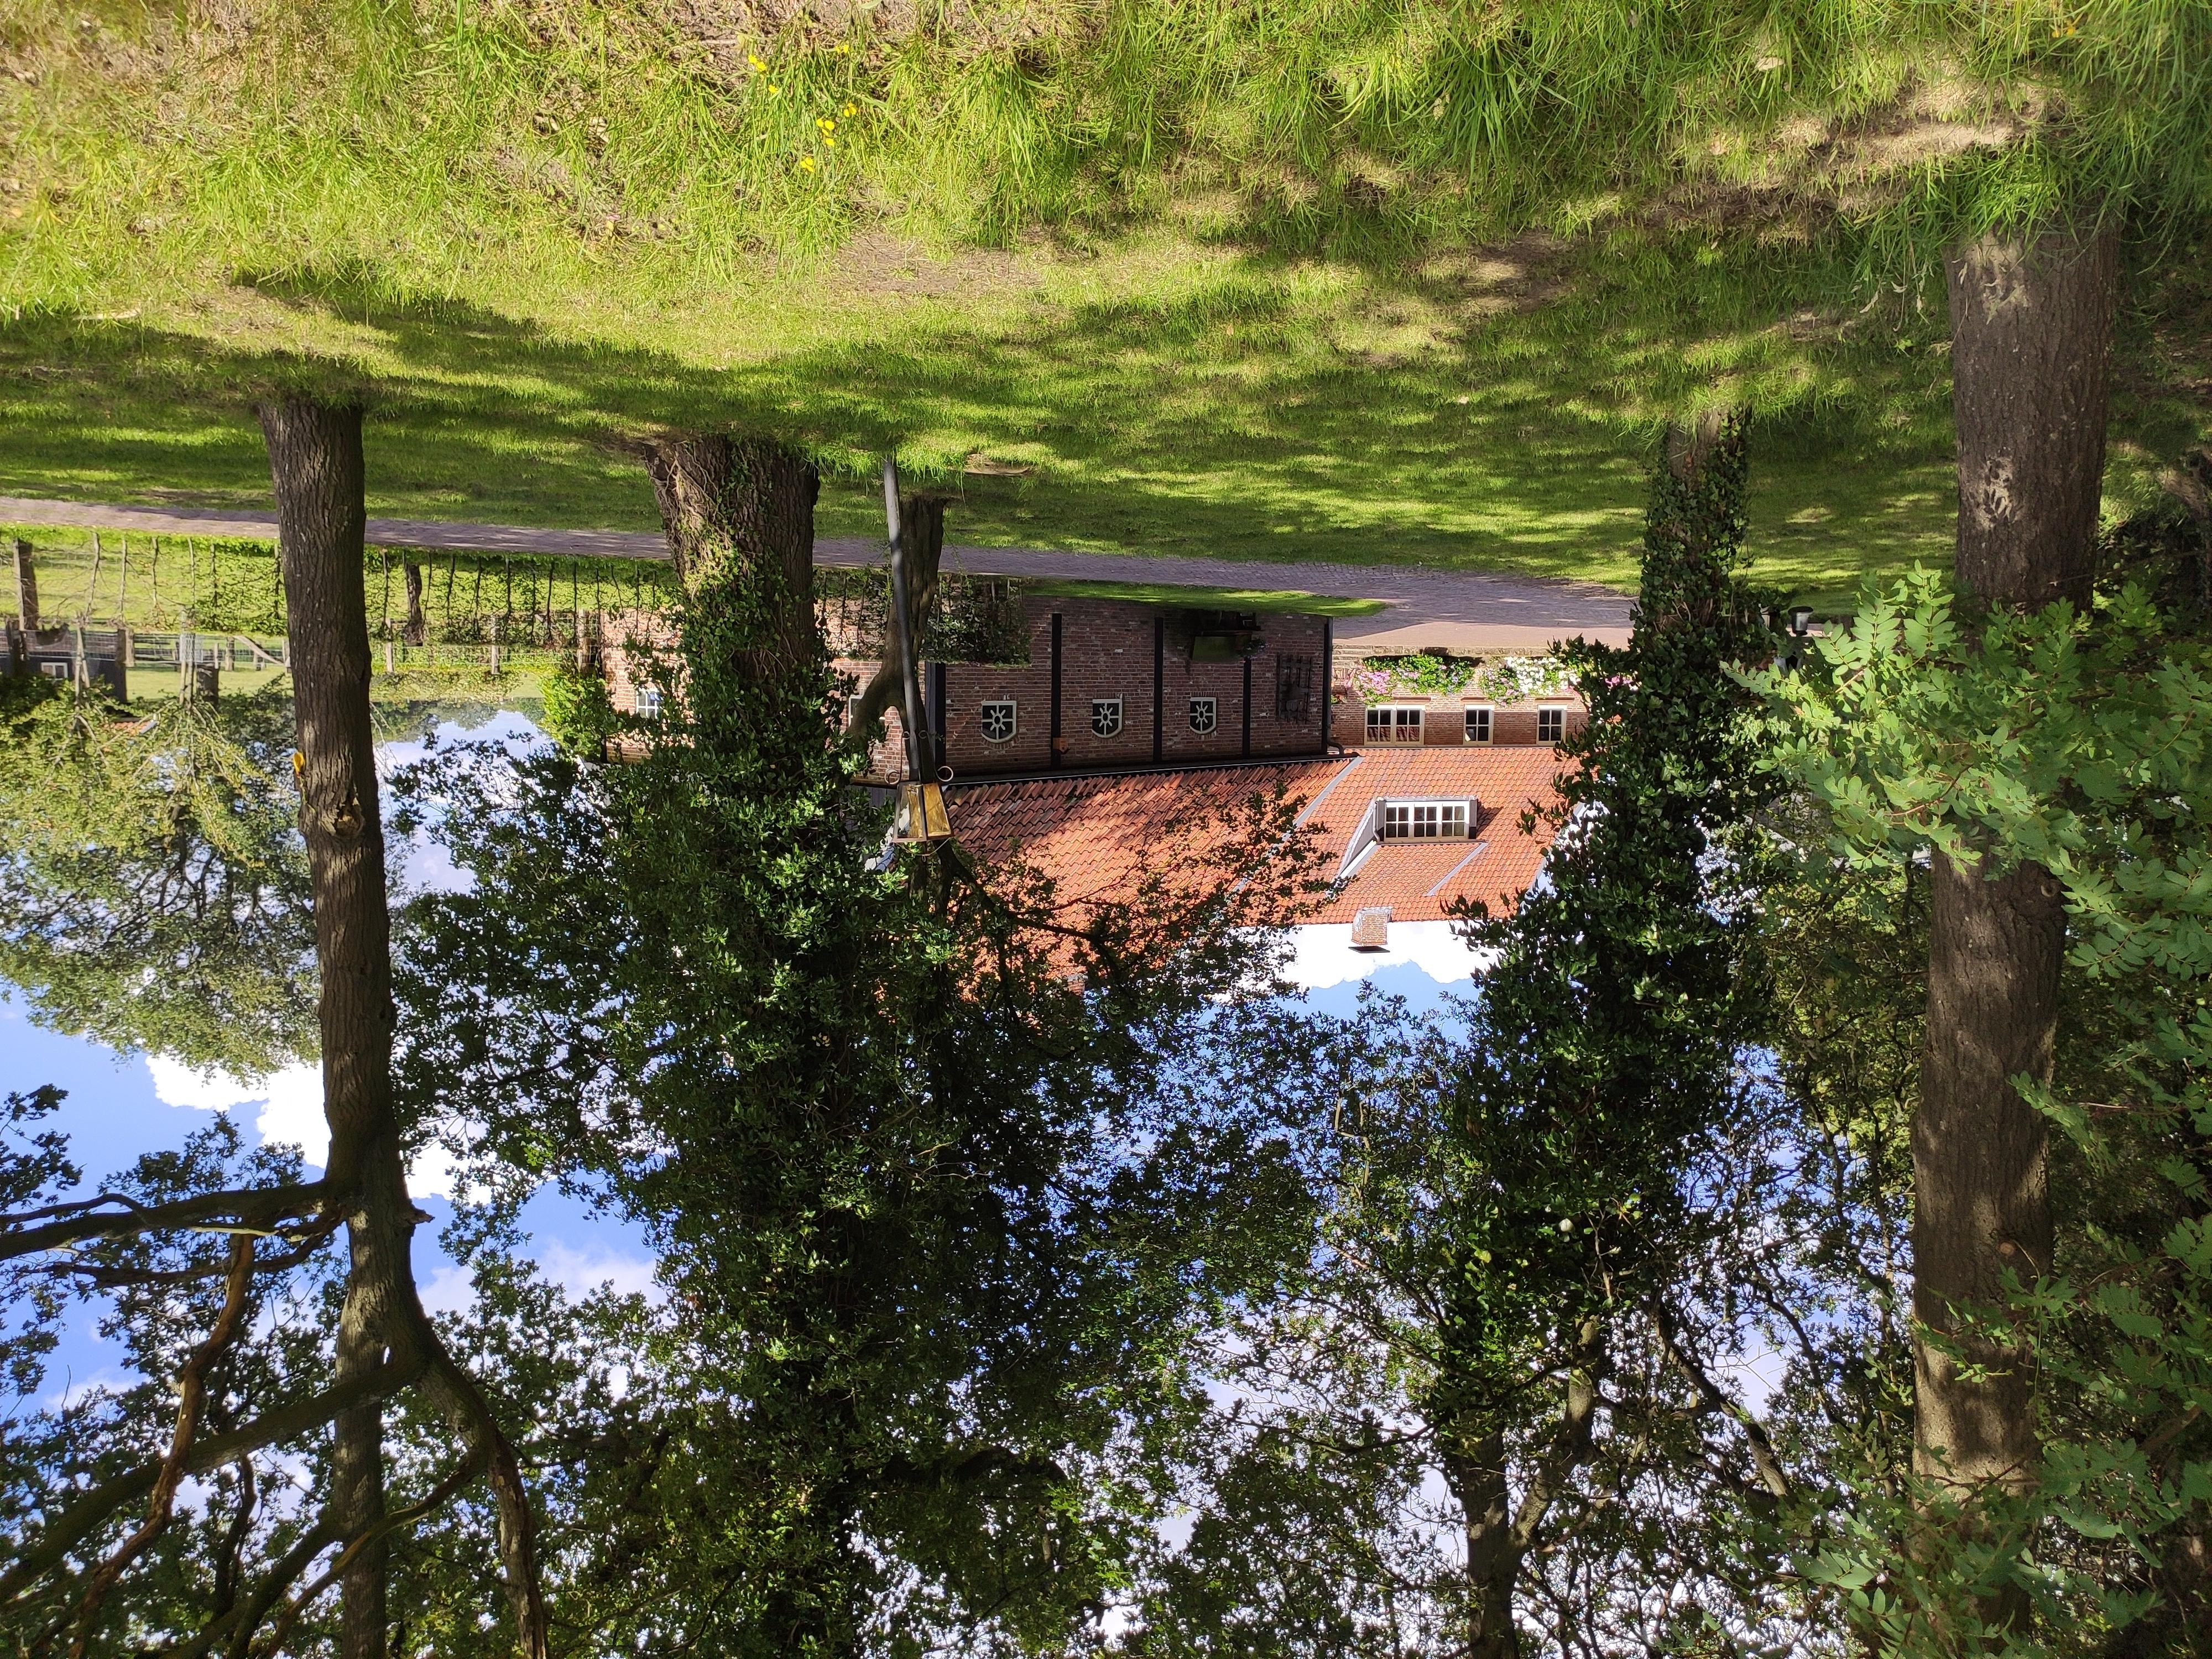 Reisverhaal op Reisreport: 'Fietsroute in Twente langs statige landhuizen'